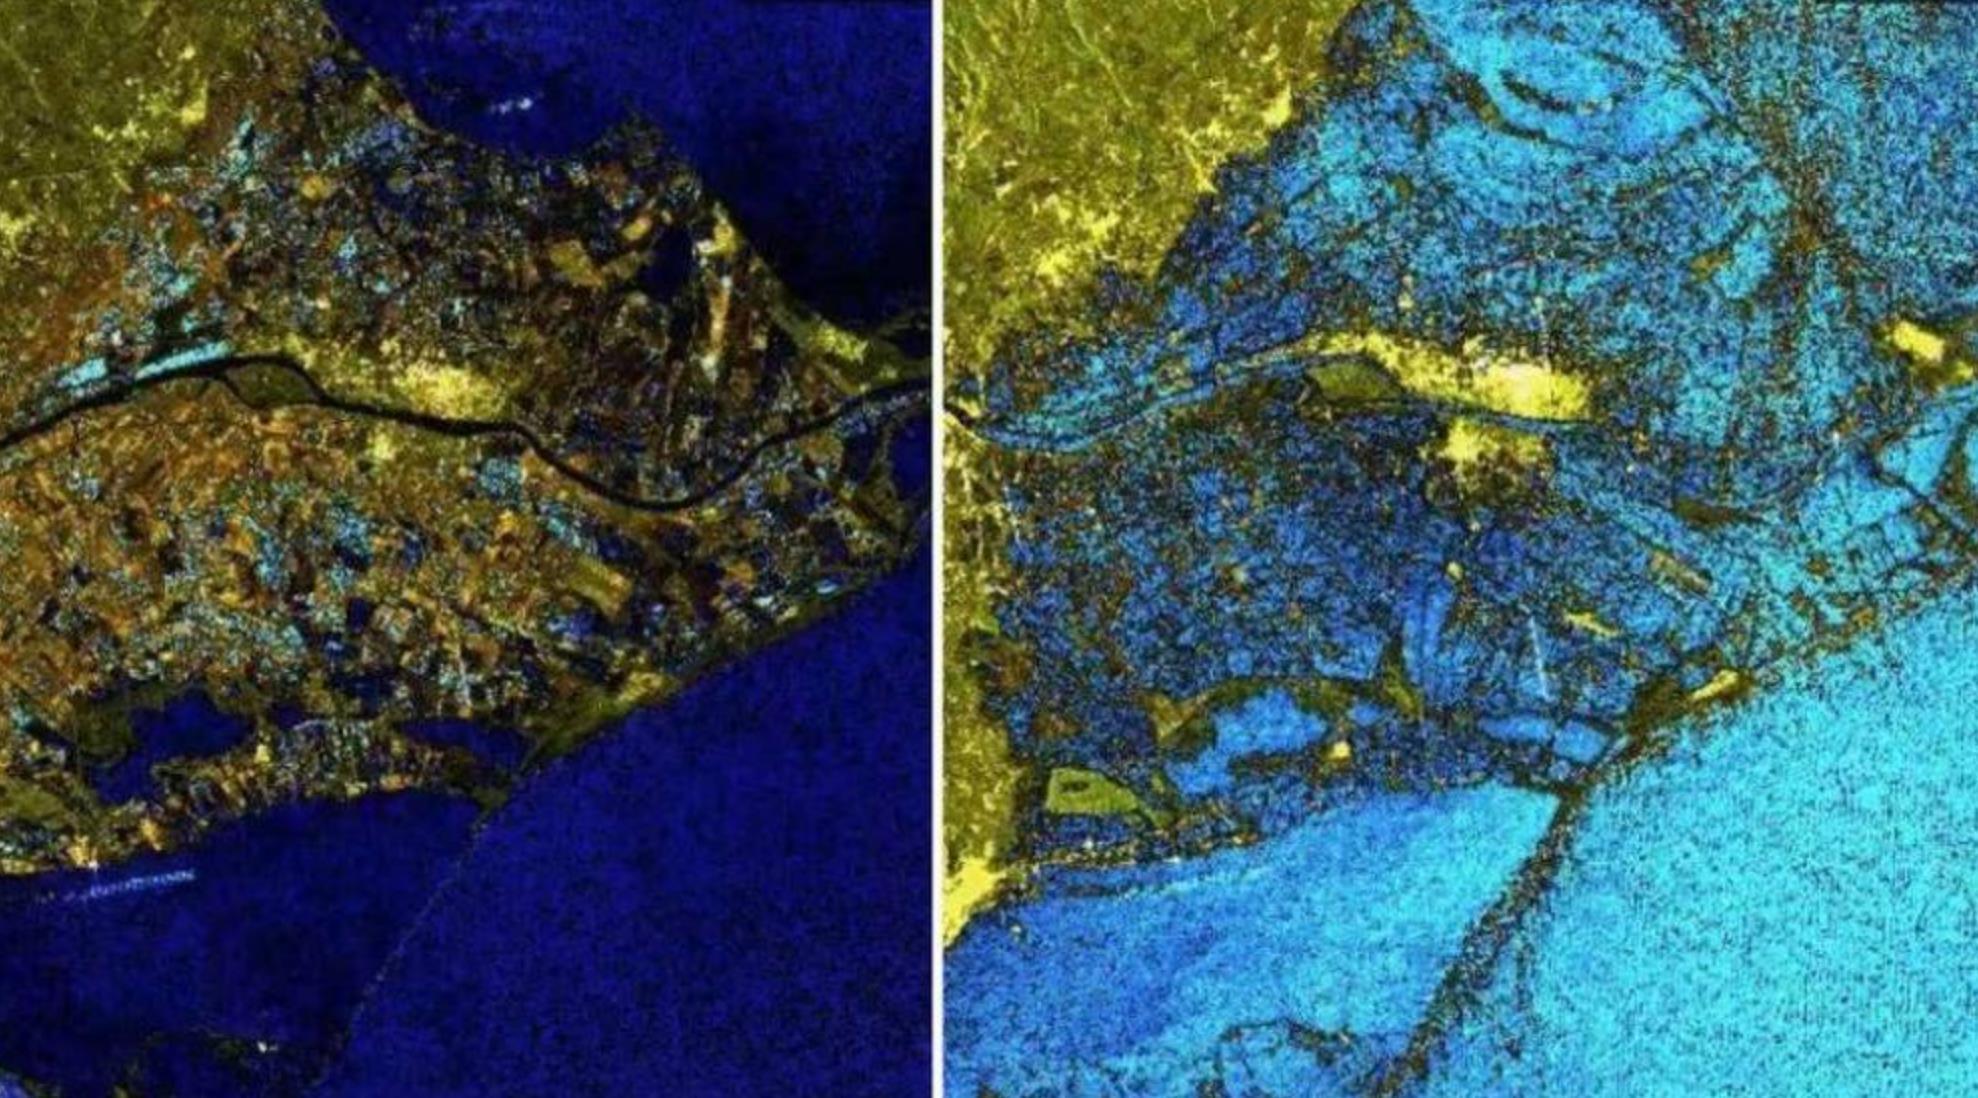 El Delta del Ebro, antes y después de la inundación. Imagen: COPERNICUS EMS.